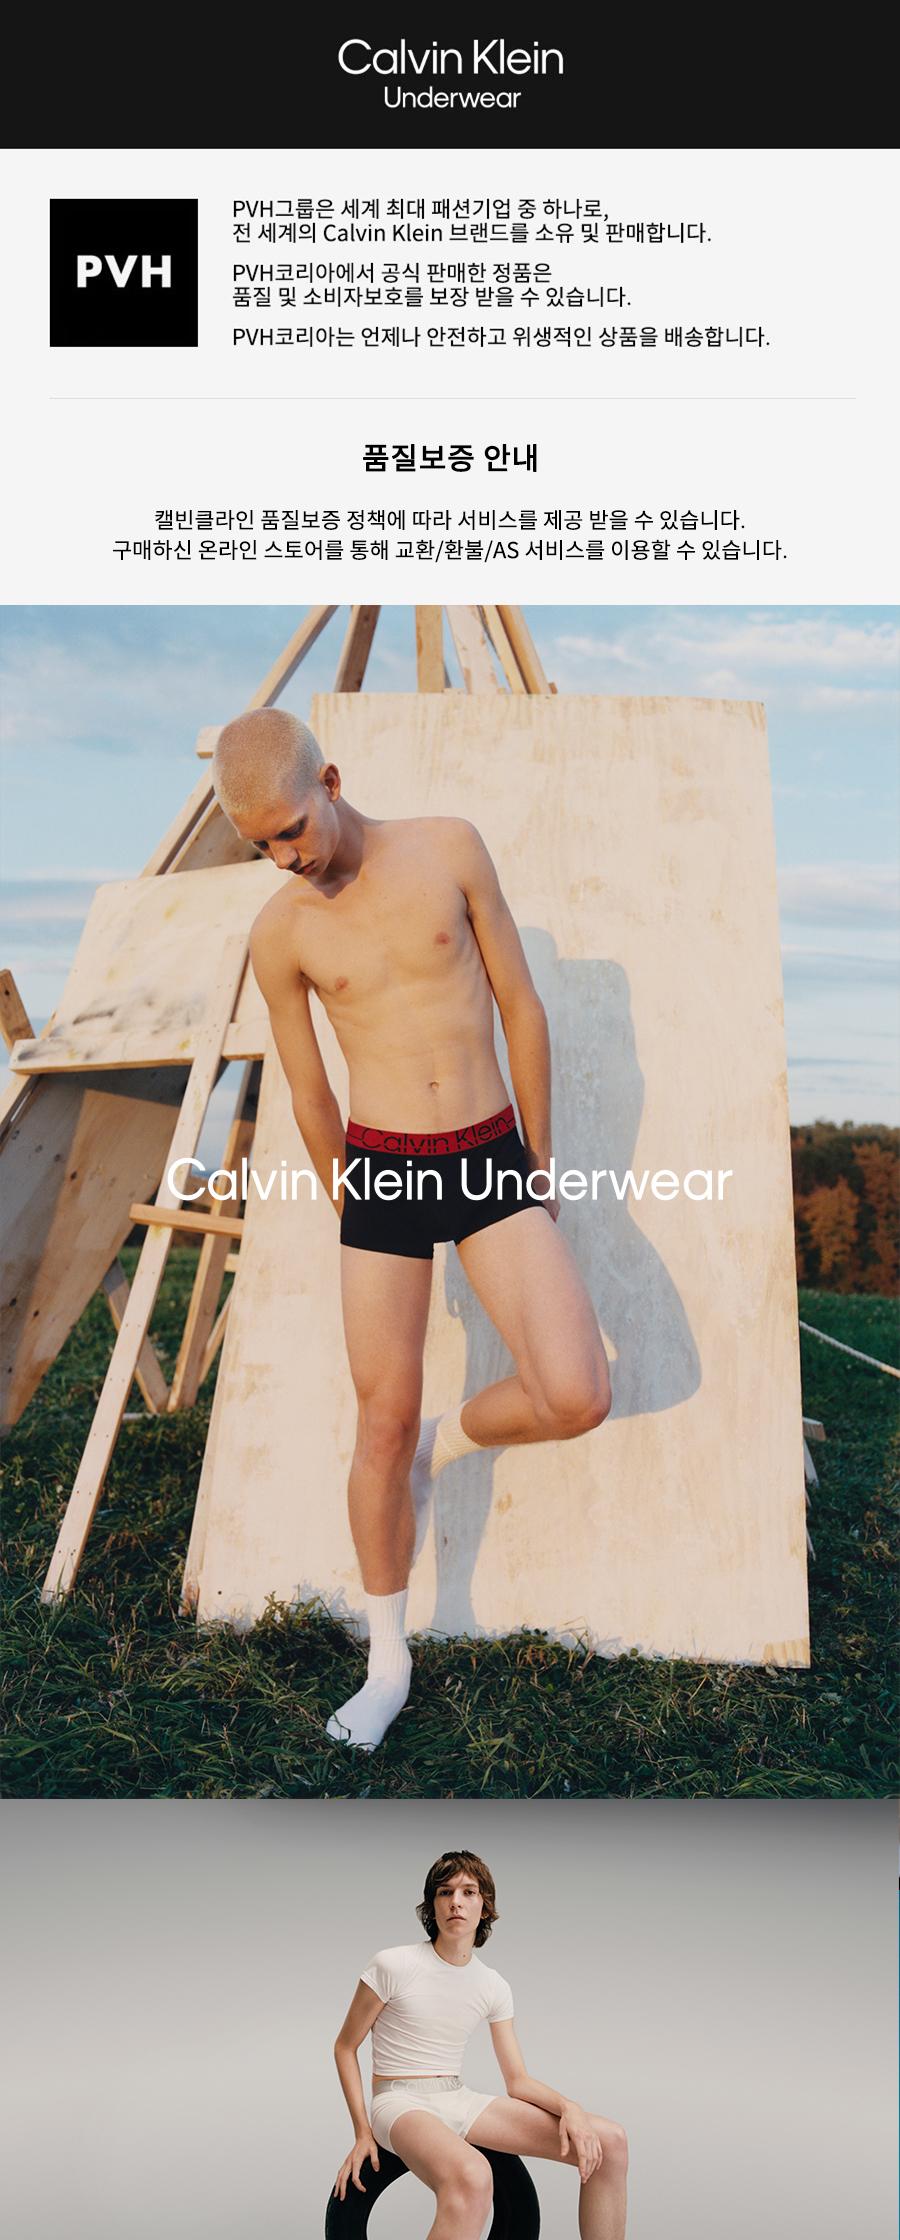 캘빈클라인 언더웨어(CALVIN KLEIN UNDERWEAR) 남성 엑티브 메쉬 박서 브리프_NB2175_8SB